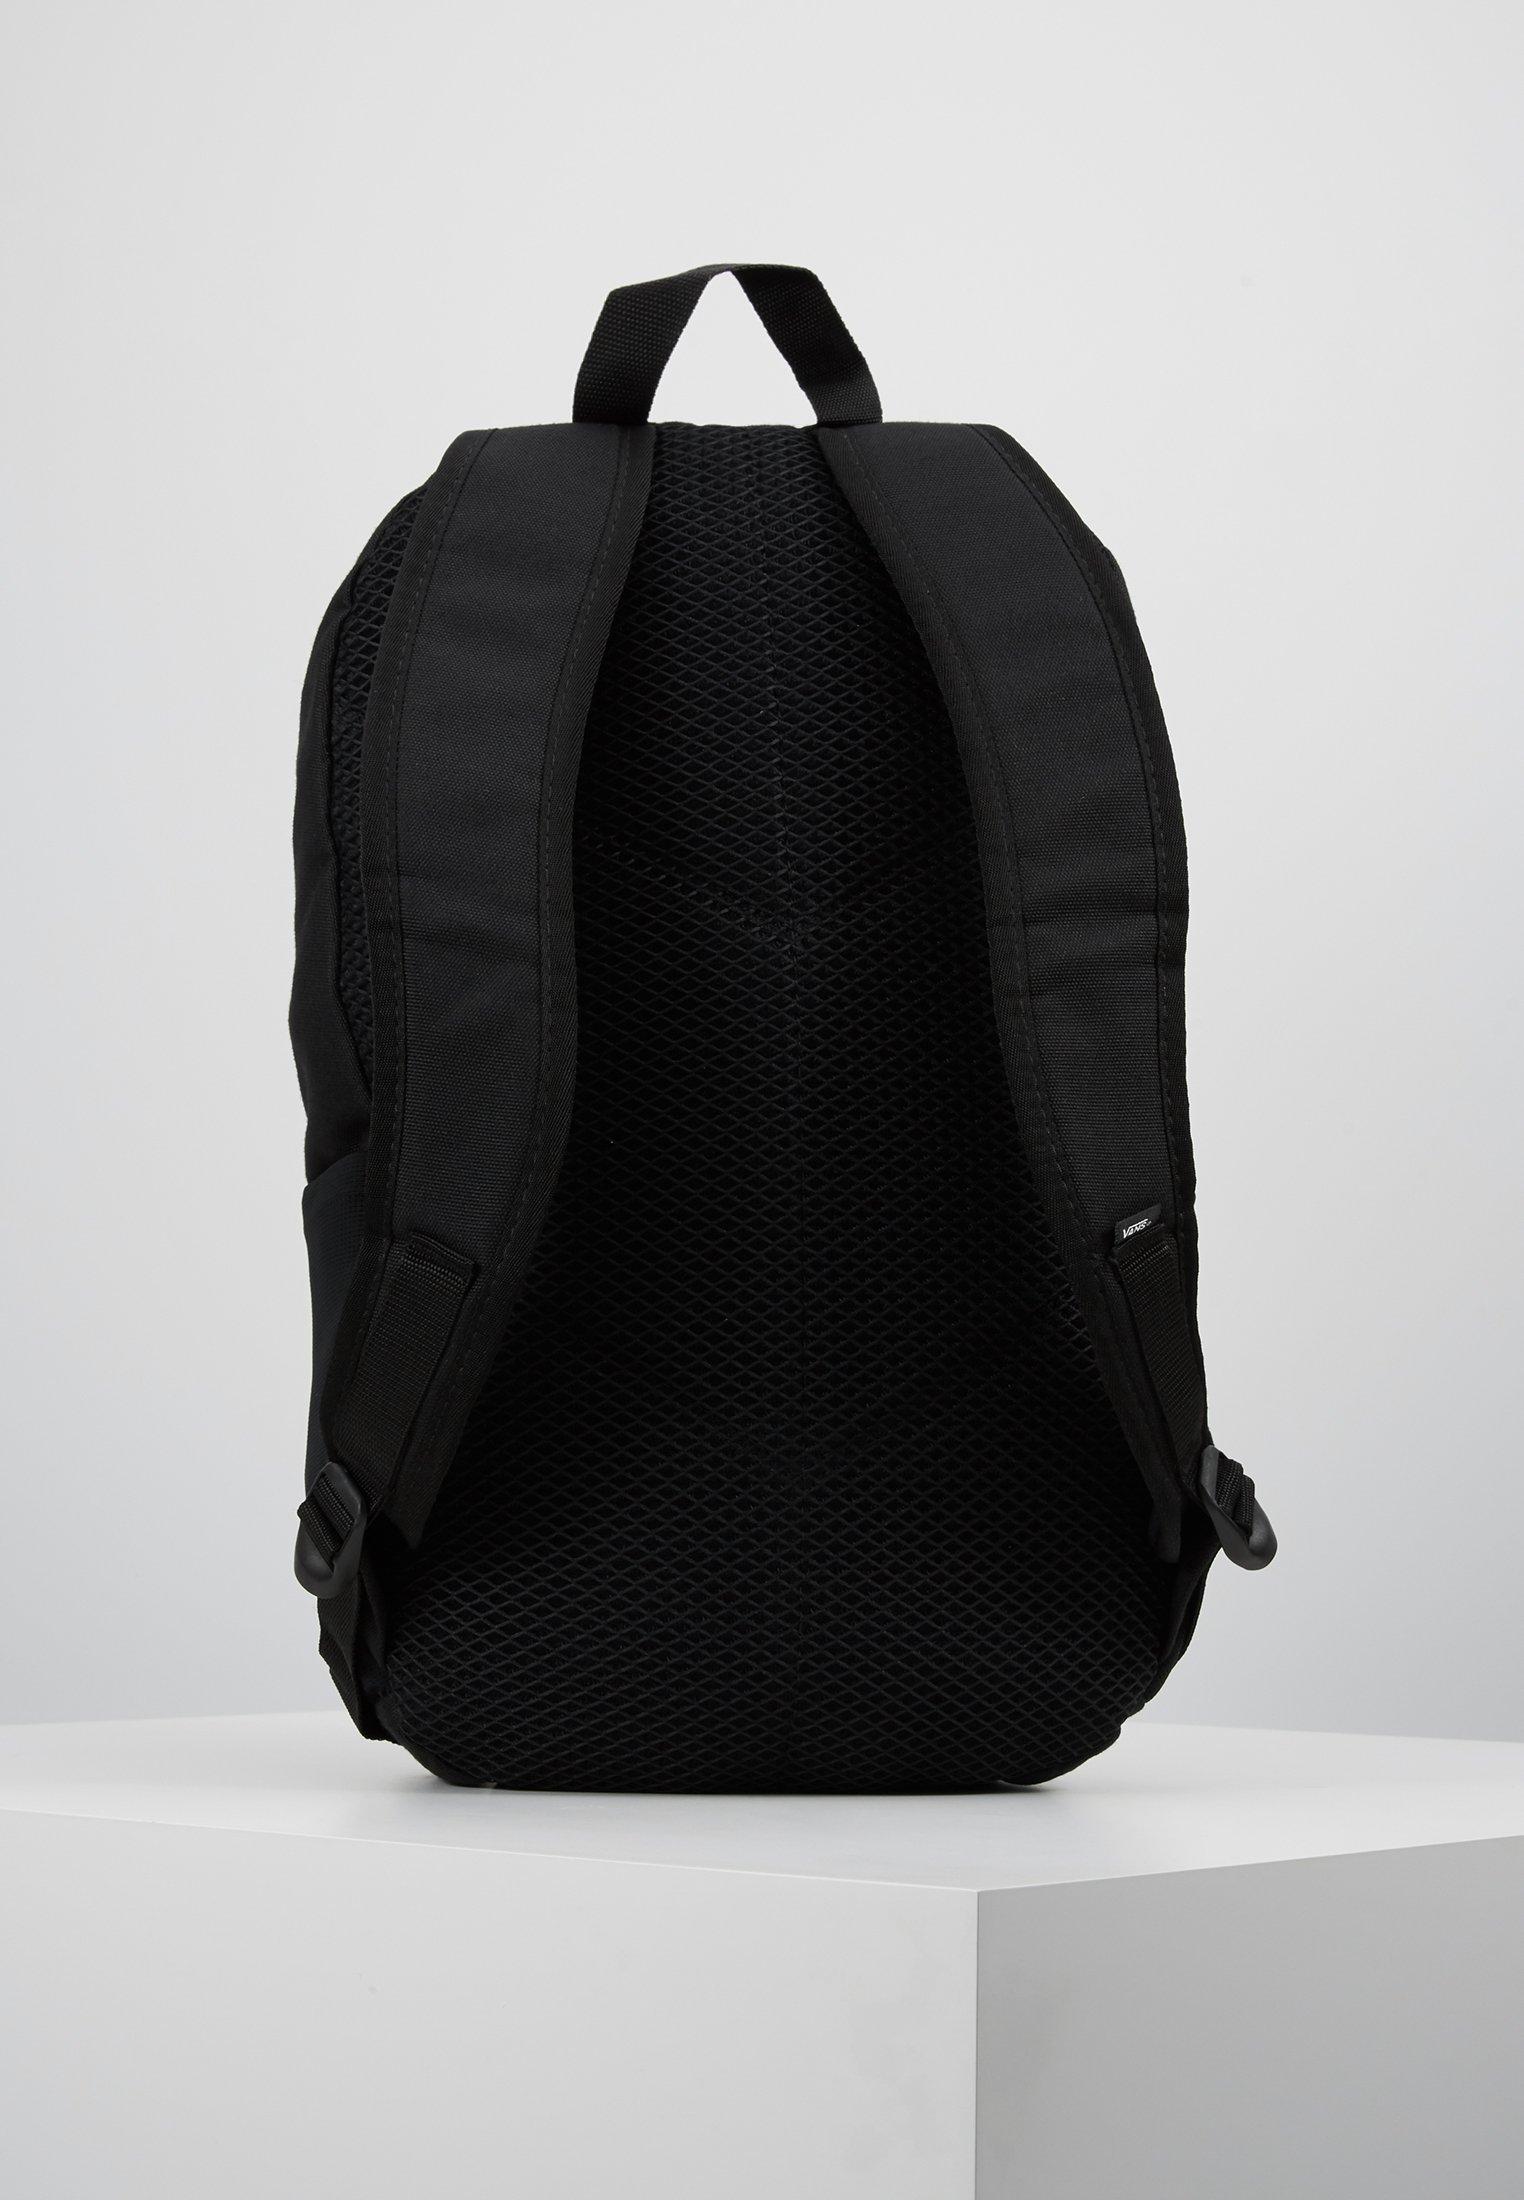 Vans DISORDER  - Tagesrucksack - black/schwarz - Herrentaschen x1OL7